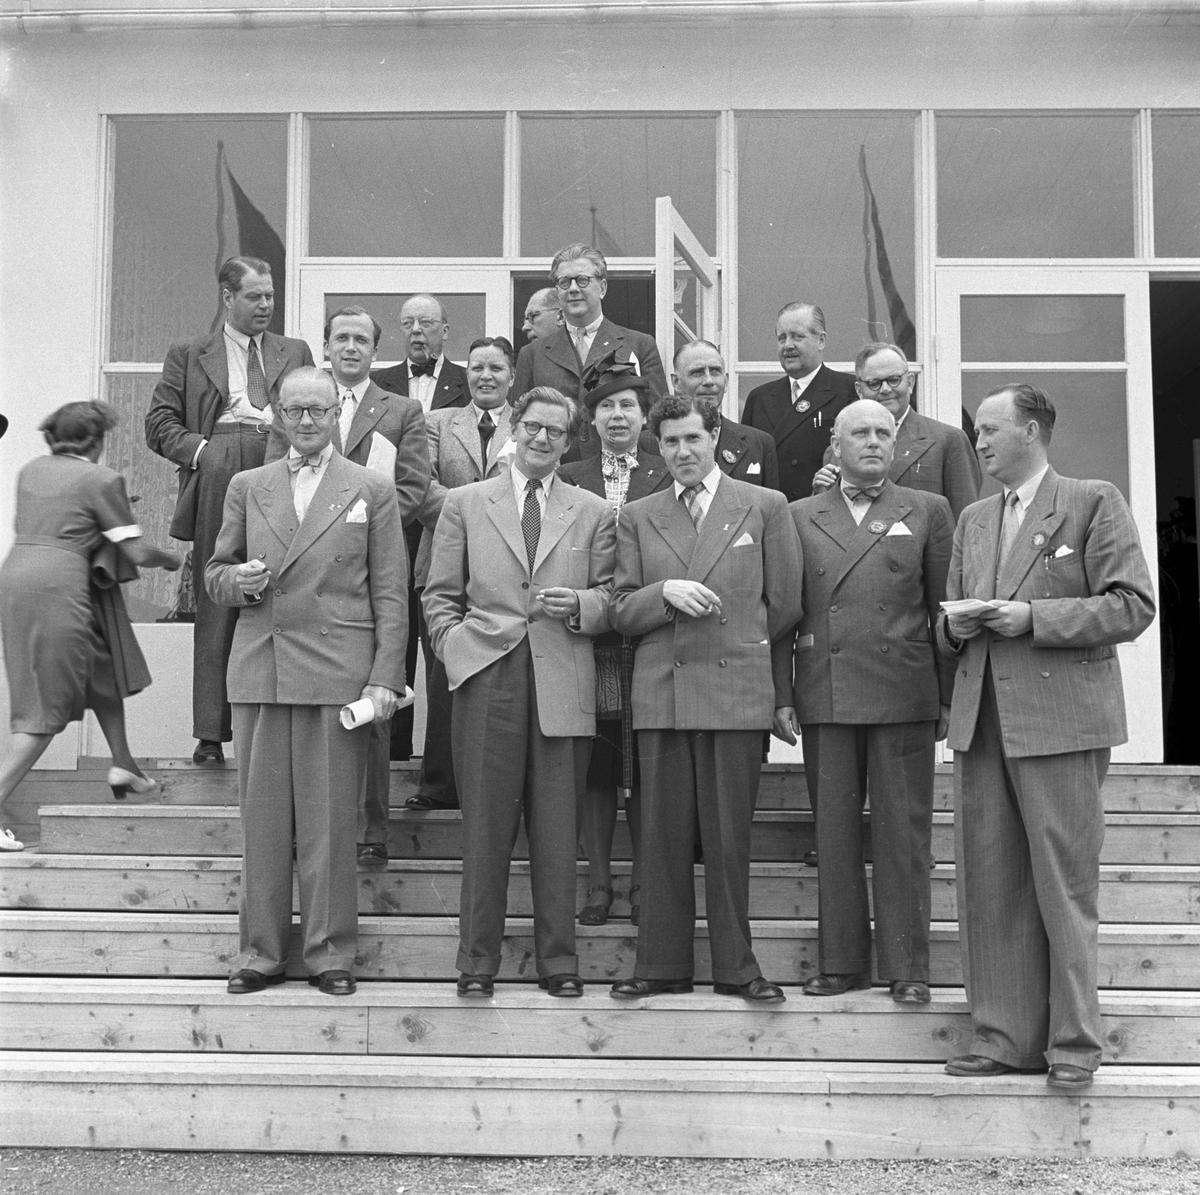 Gävleutställningen 1946 arrangerades 21 juni - 4 augusti. En utställning med anledning av Gävle stads 500-årsjubileum. På 350.000 kv.m. visade 530 utställare sina produkter. Utställningen besöktes av ca 760.000 personer.  Pressmän